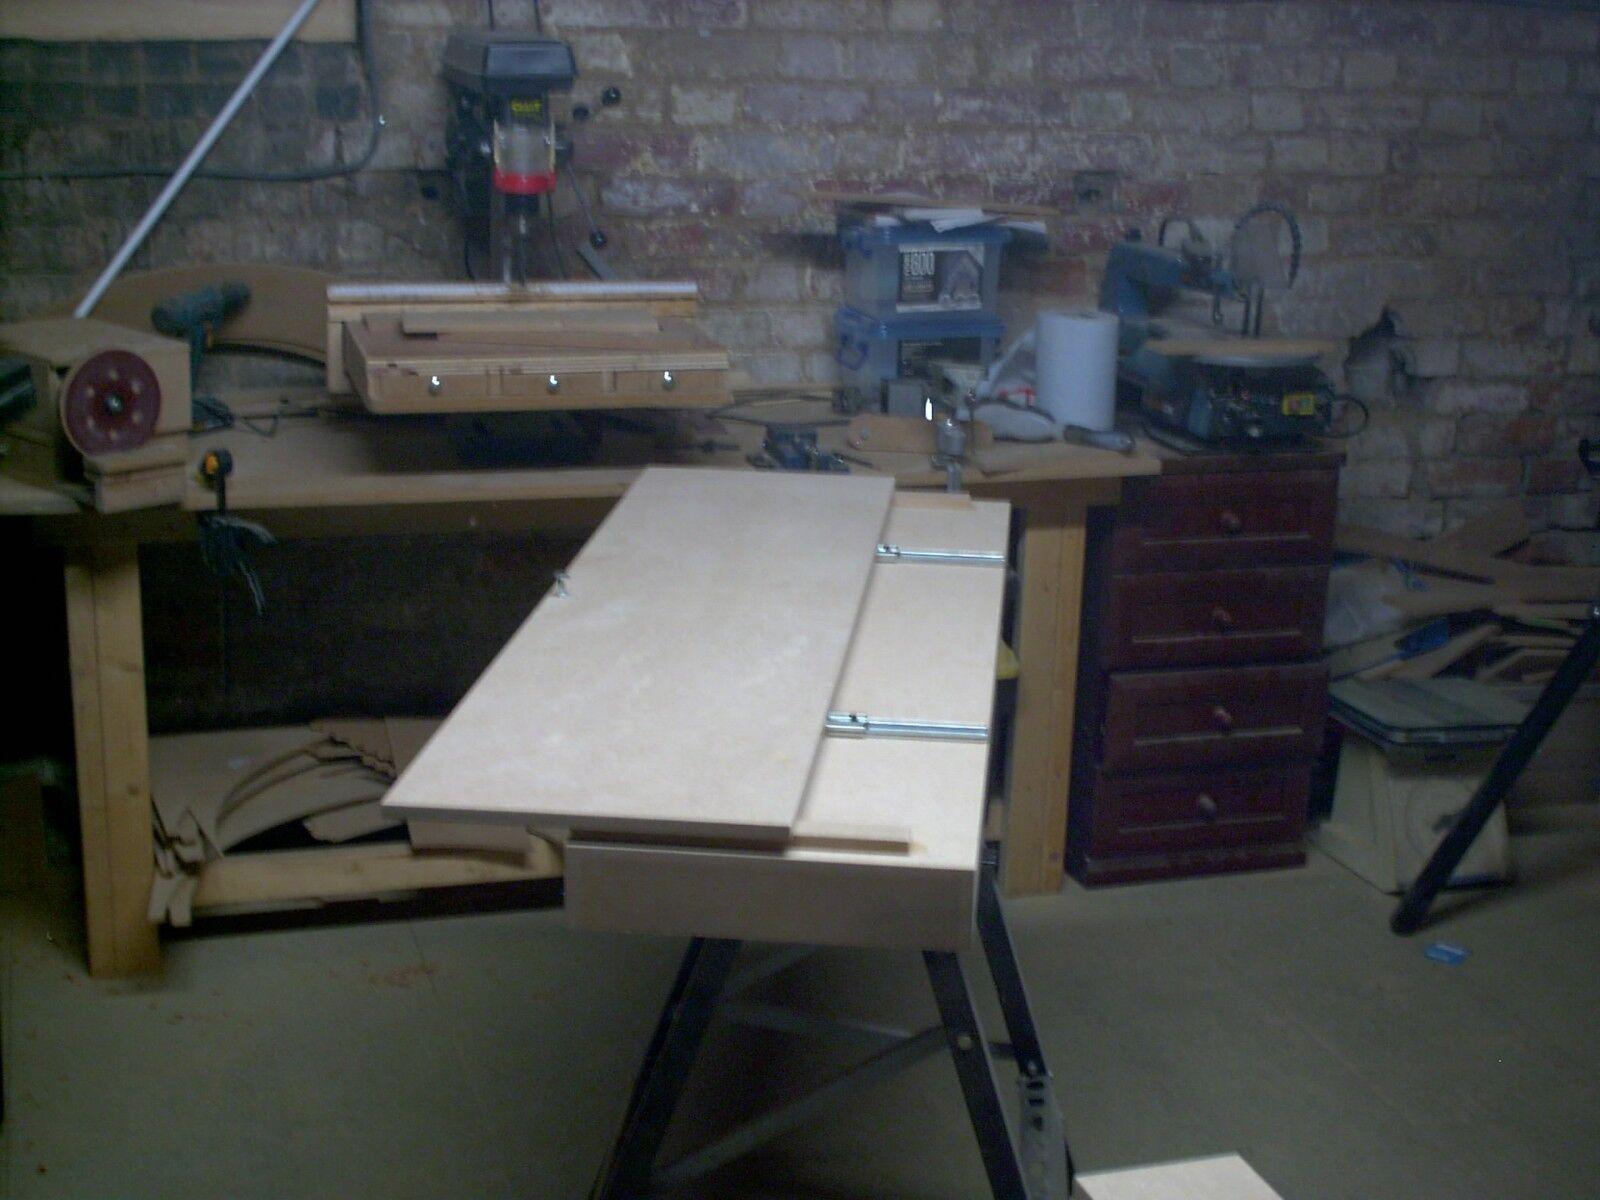 alta calidad Model Railway Sliding Traverser Table Table Table (all gauges)  el mas reciente